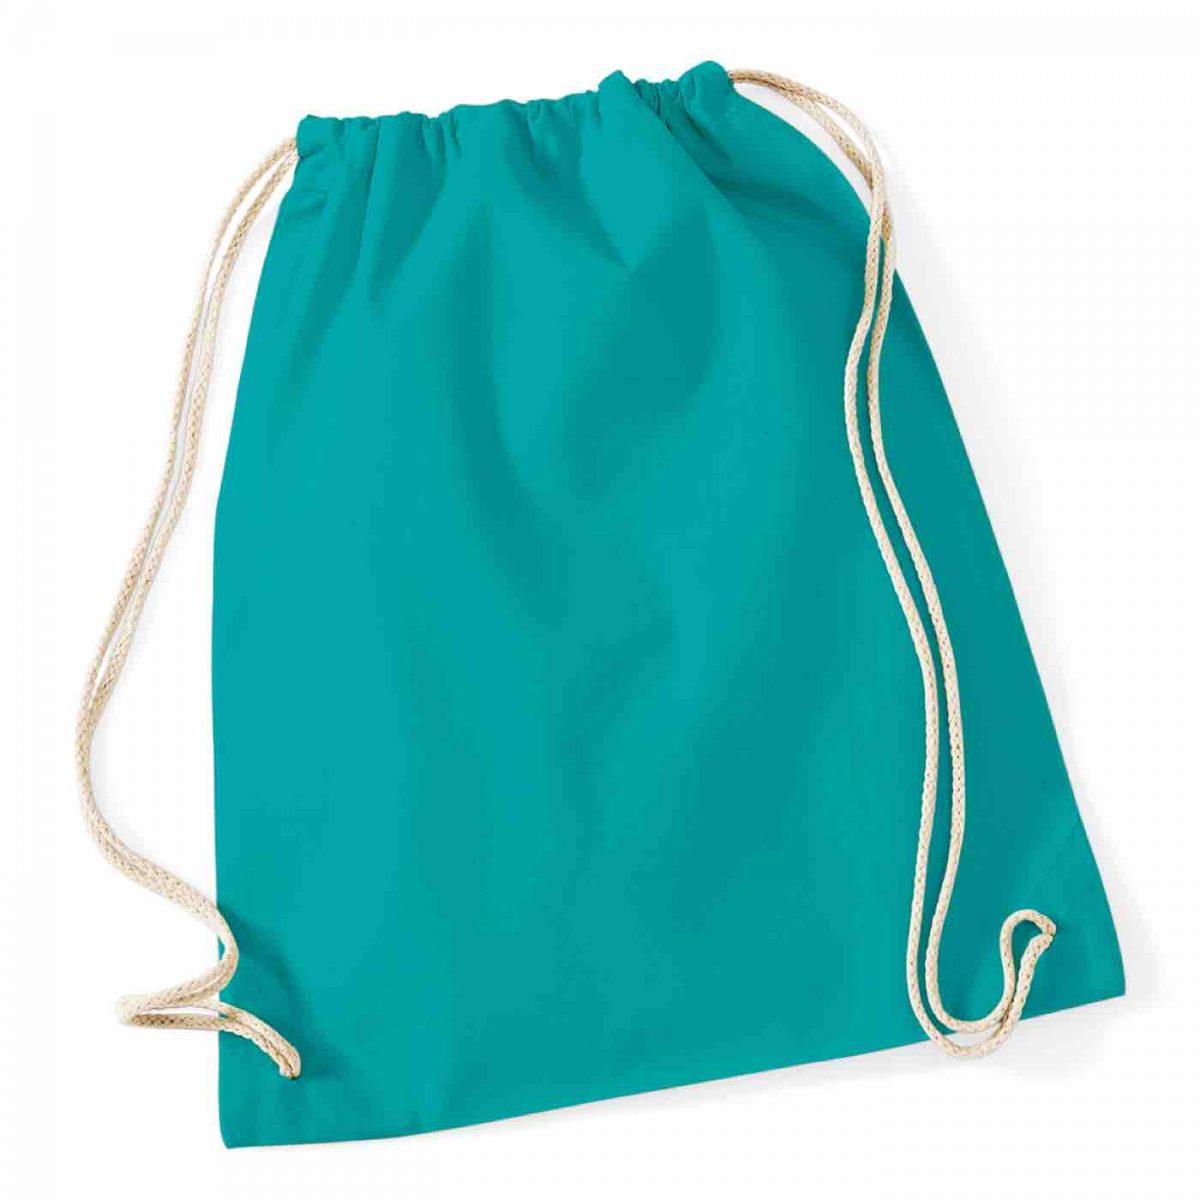 Emerald Cotton Tote Bag